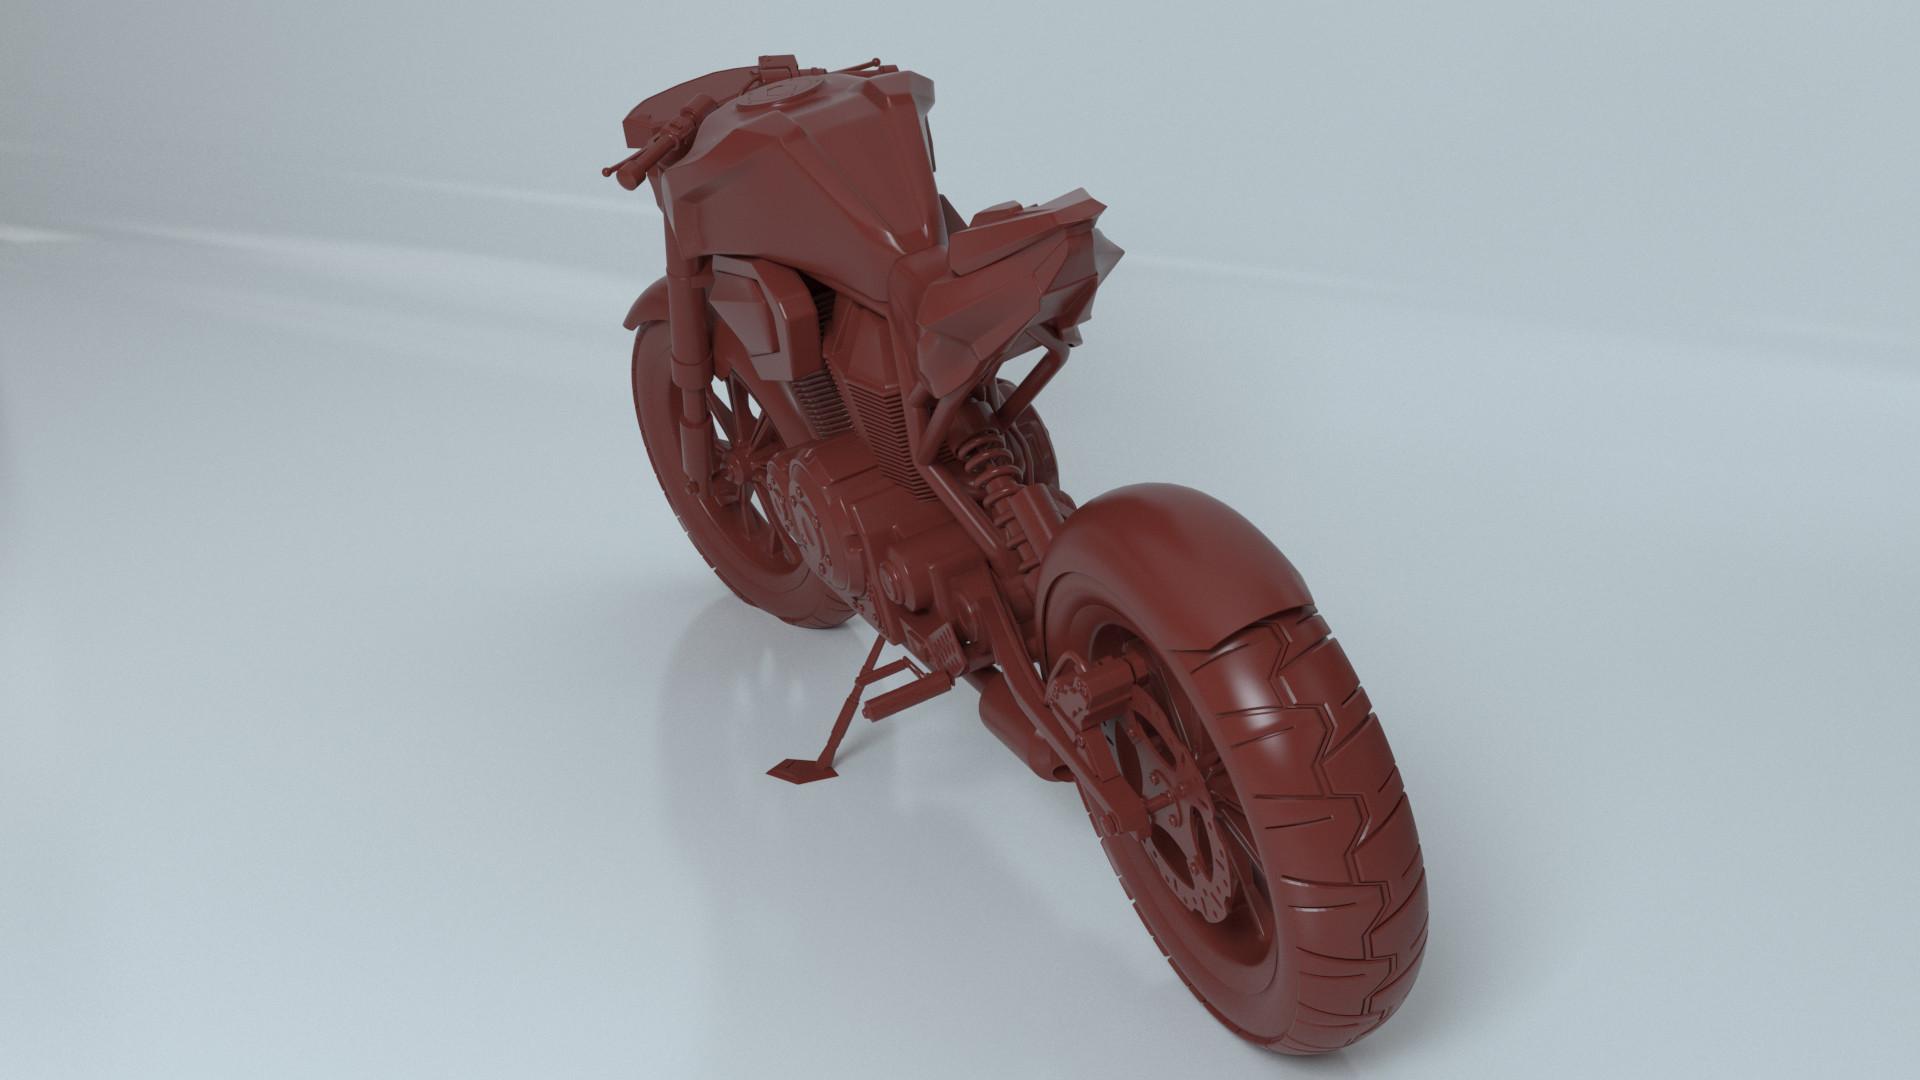 Manish anand bike 4